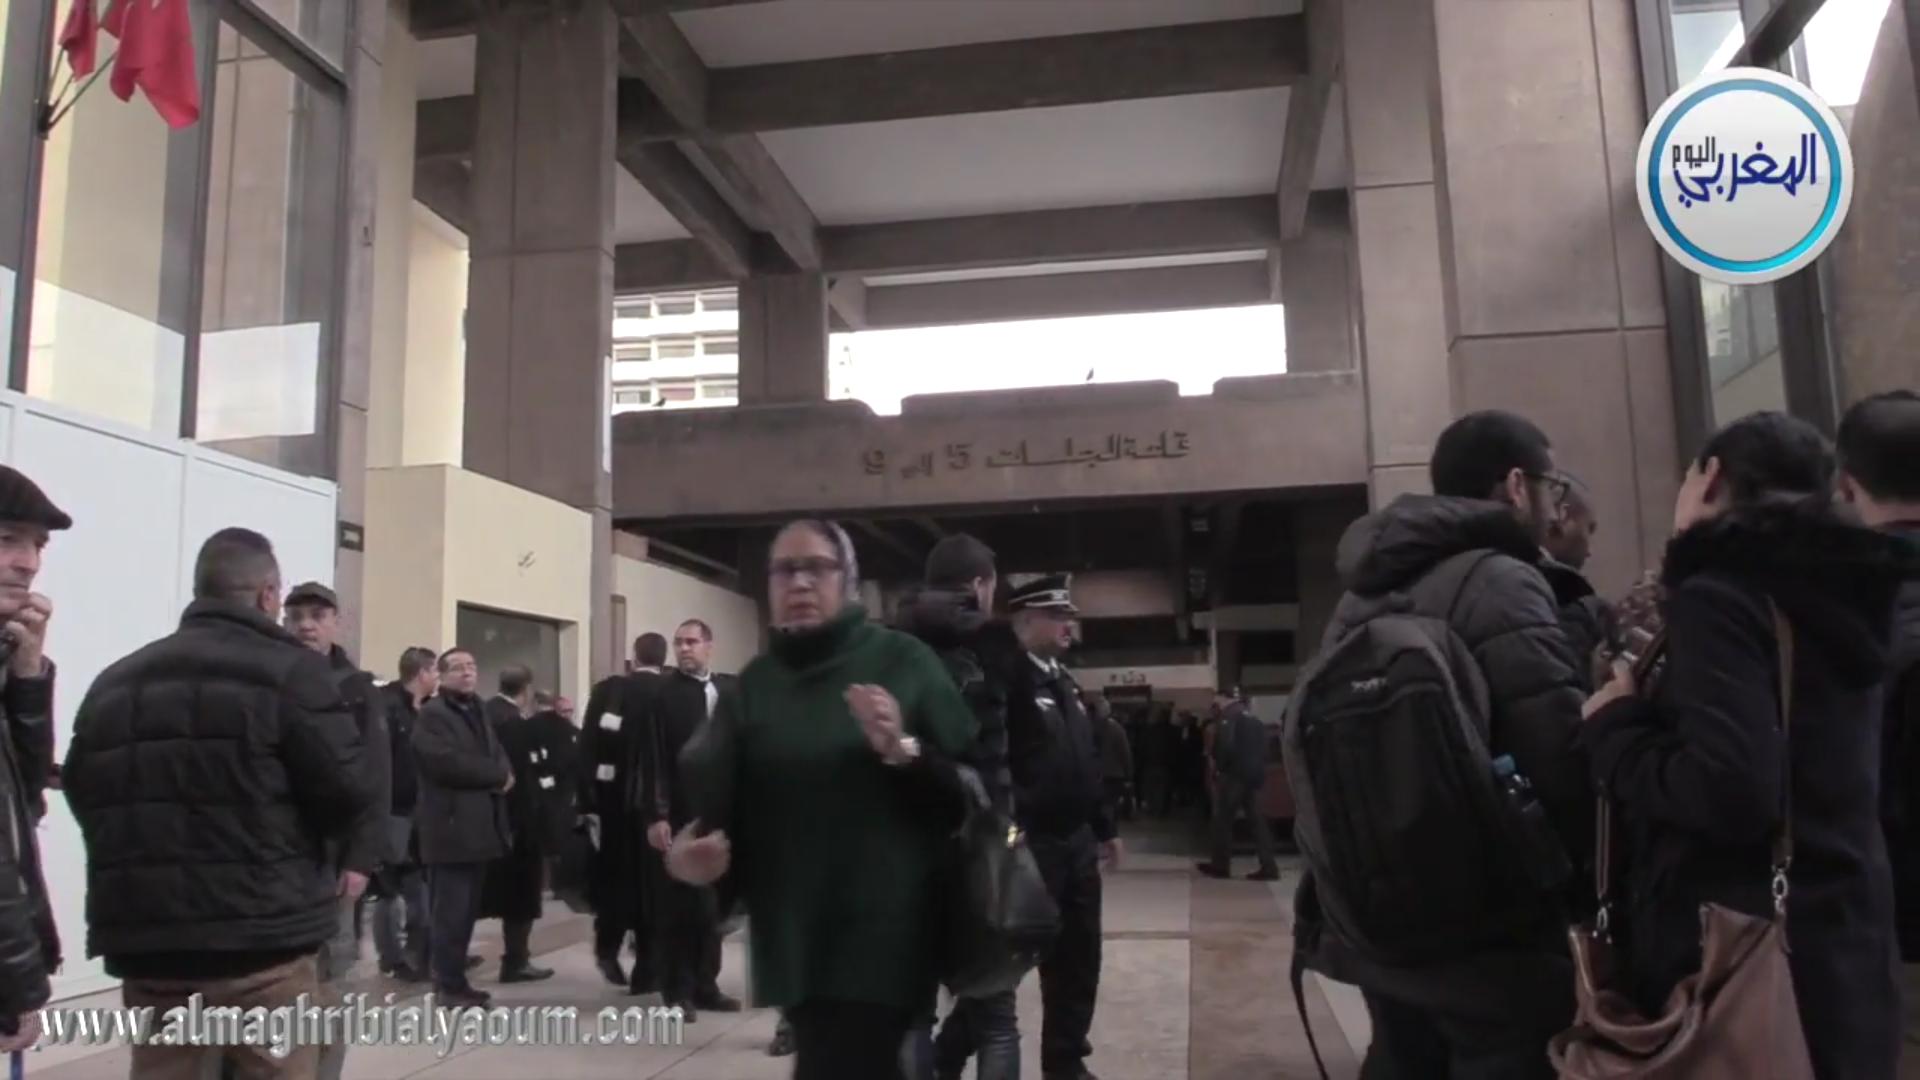 بالفيديو… تعرف على الأجواء داخل المحكمة قبل انطلاق محاكمة توفيق بوعشرين